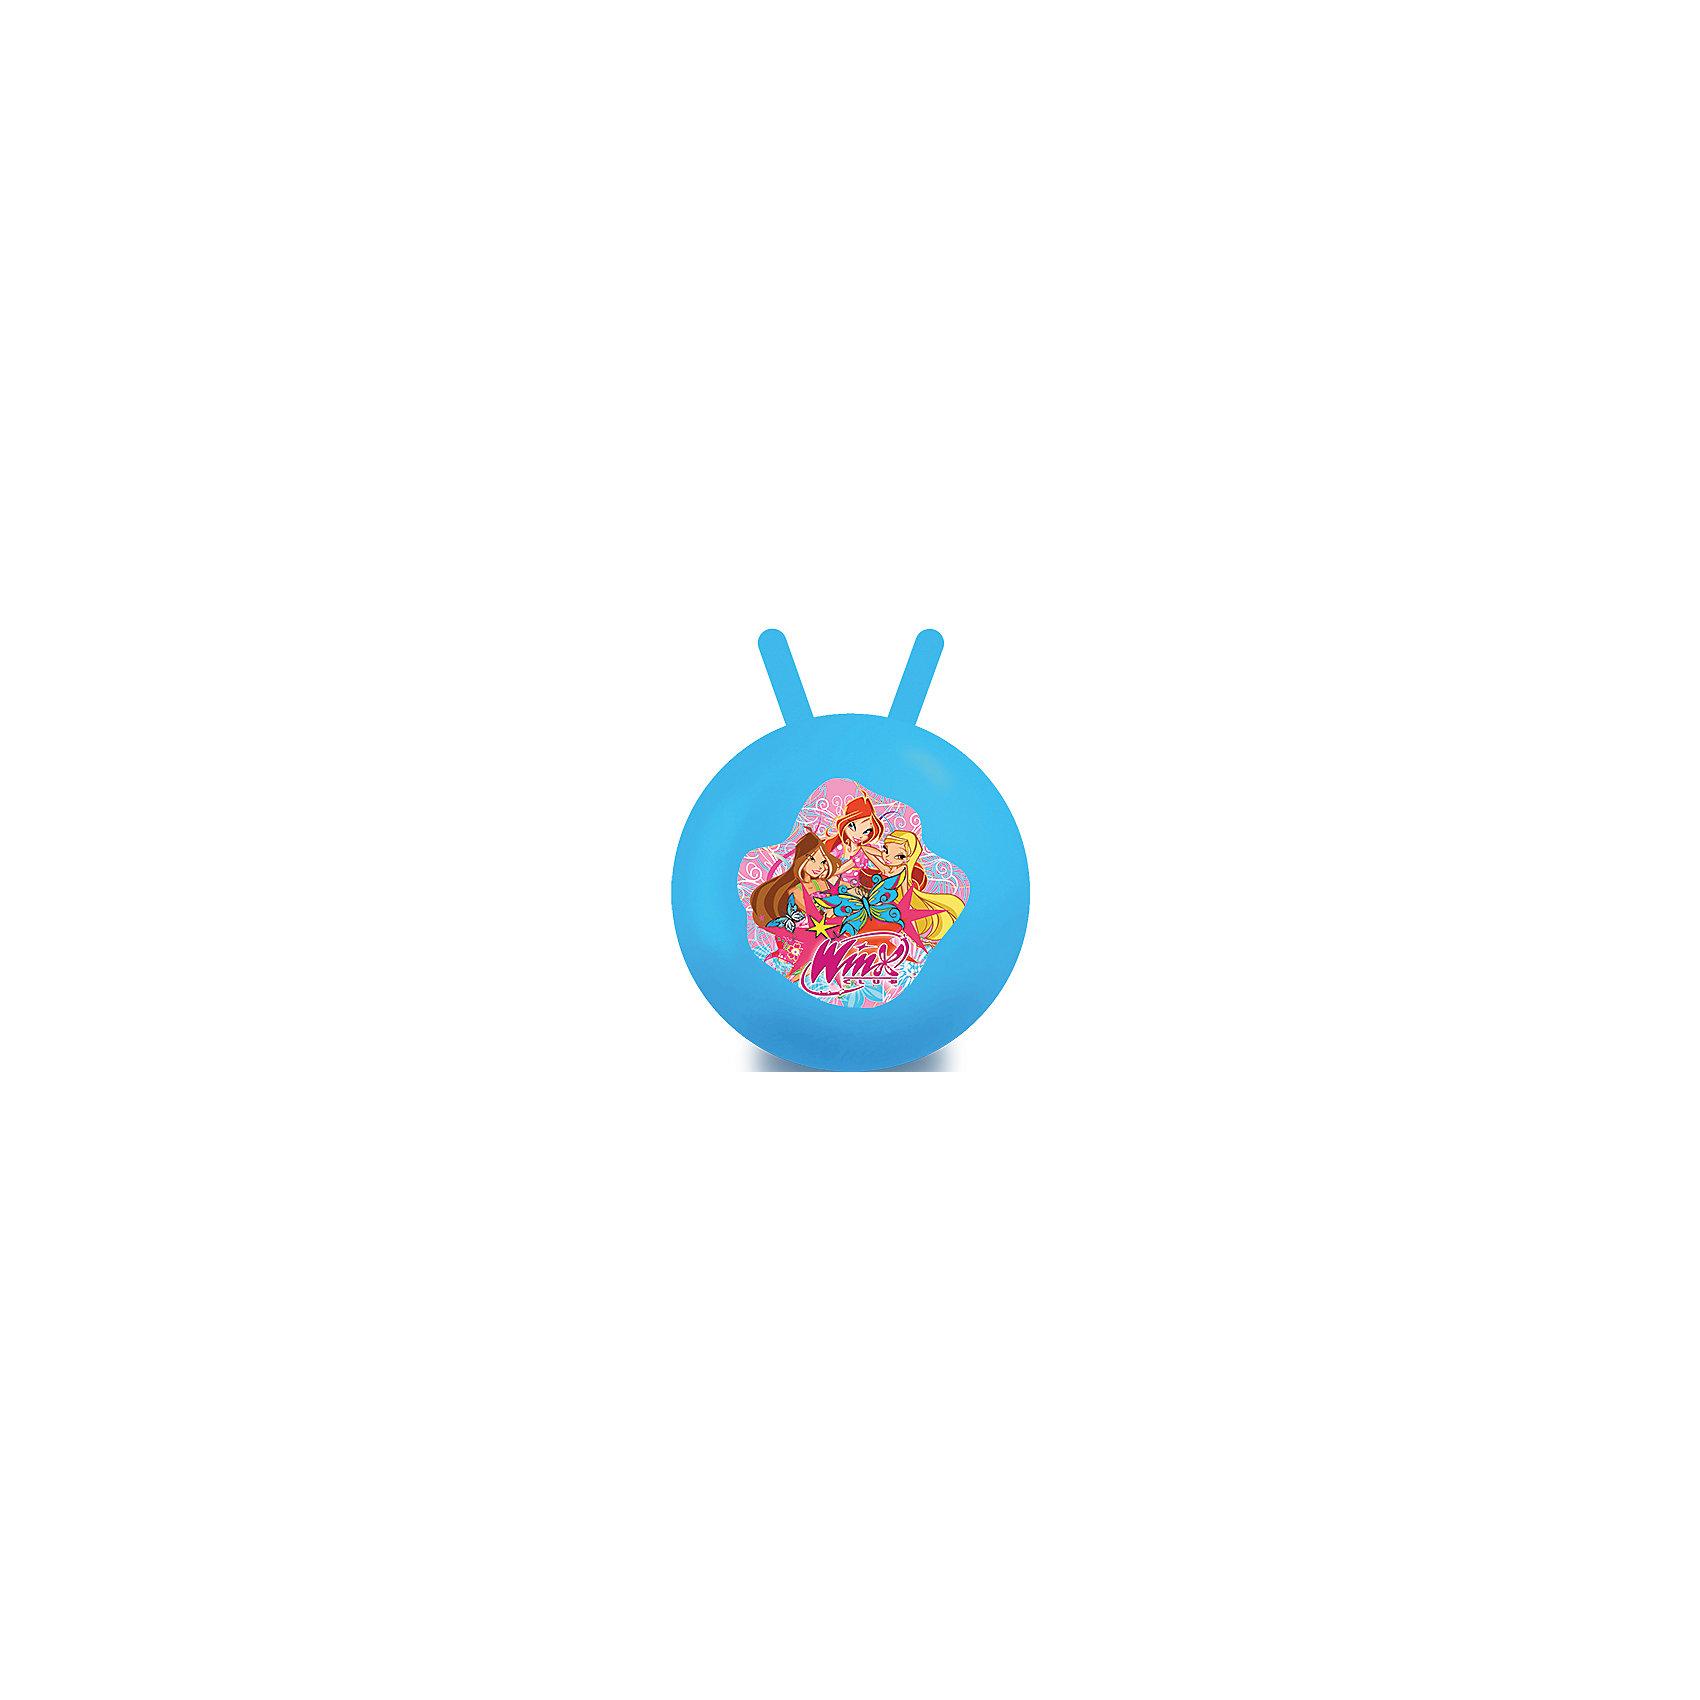 Мяч с рожками, 45 см, Winx Club, Играем вместе